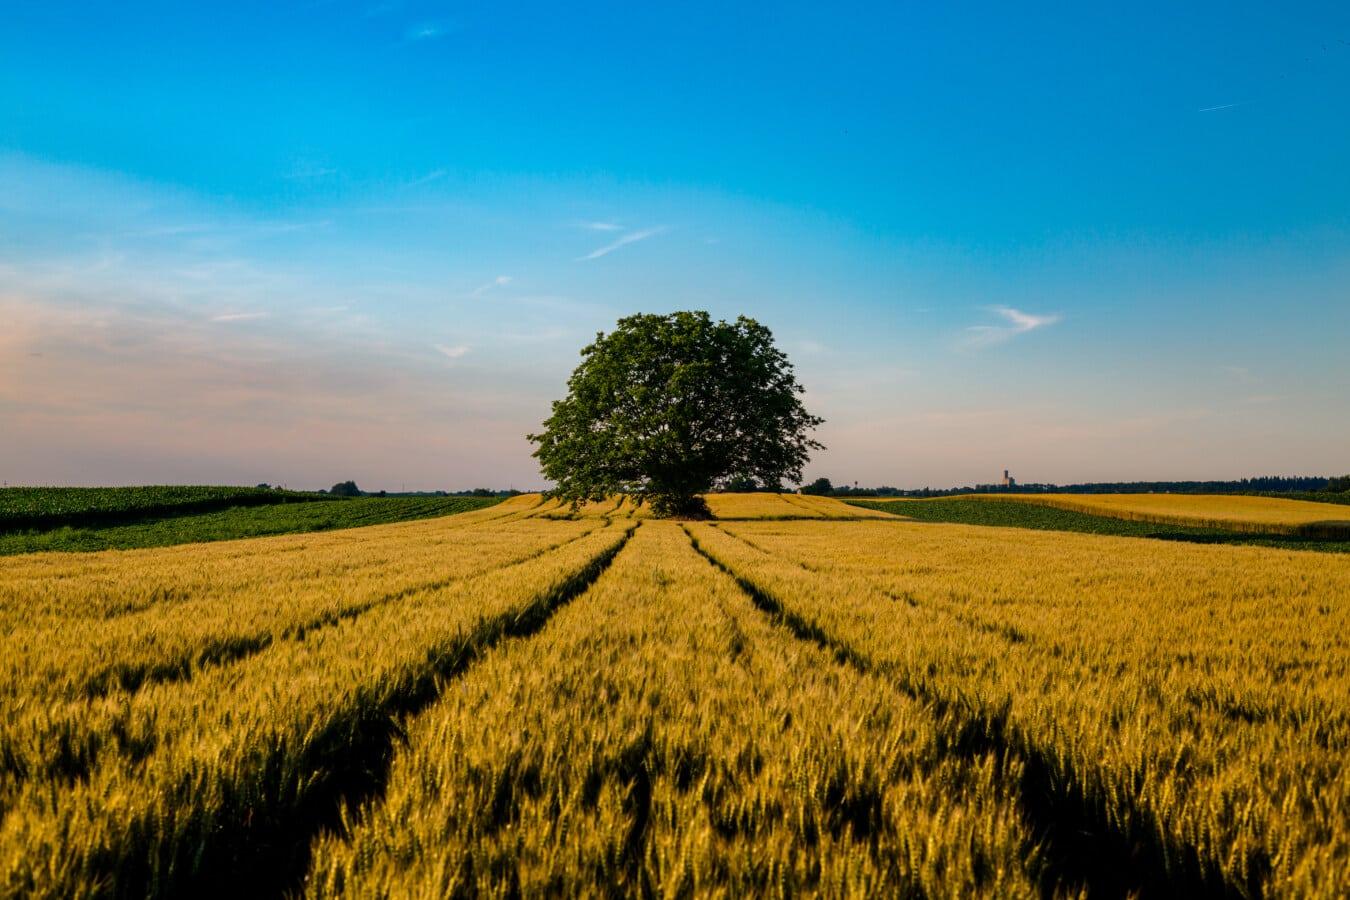 veličanstven, krajolik, ljetna sezona, poljoprivreda, poljoprivredno zemljište, wheatfield, žitarica, ruralni, polje, pšenica